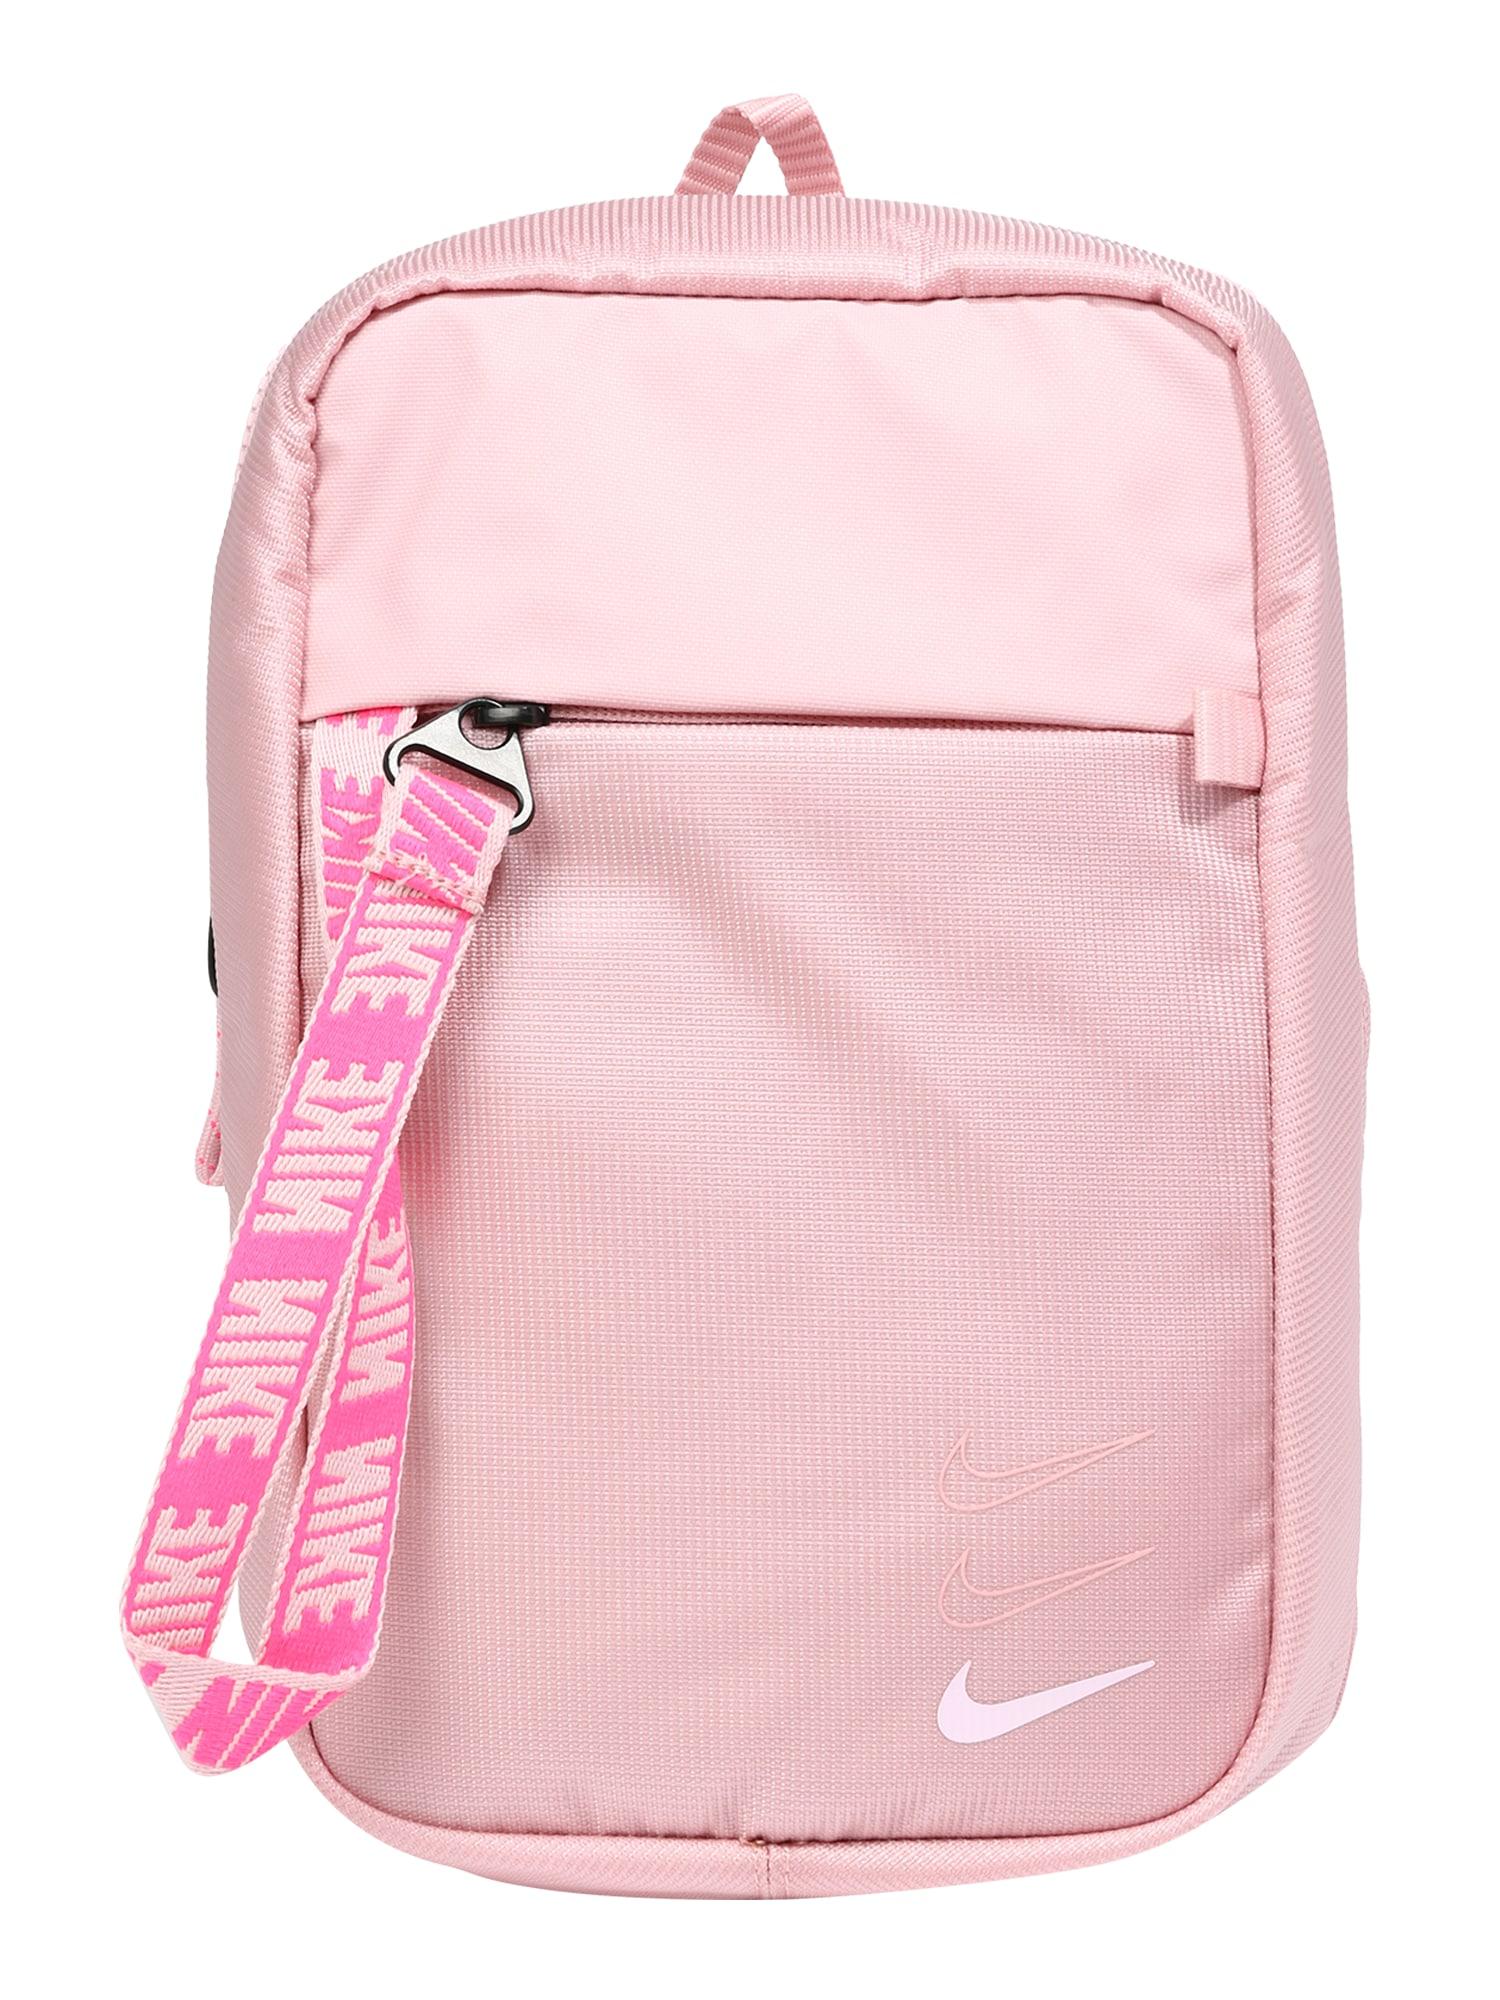 Nike Sportswear Rankinė su ilgu dirželiu 'Advance' šviesiai rožinė / balta